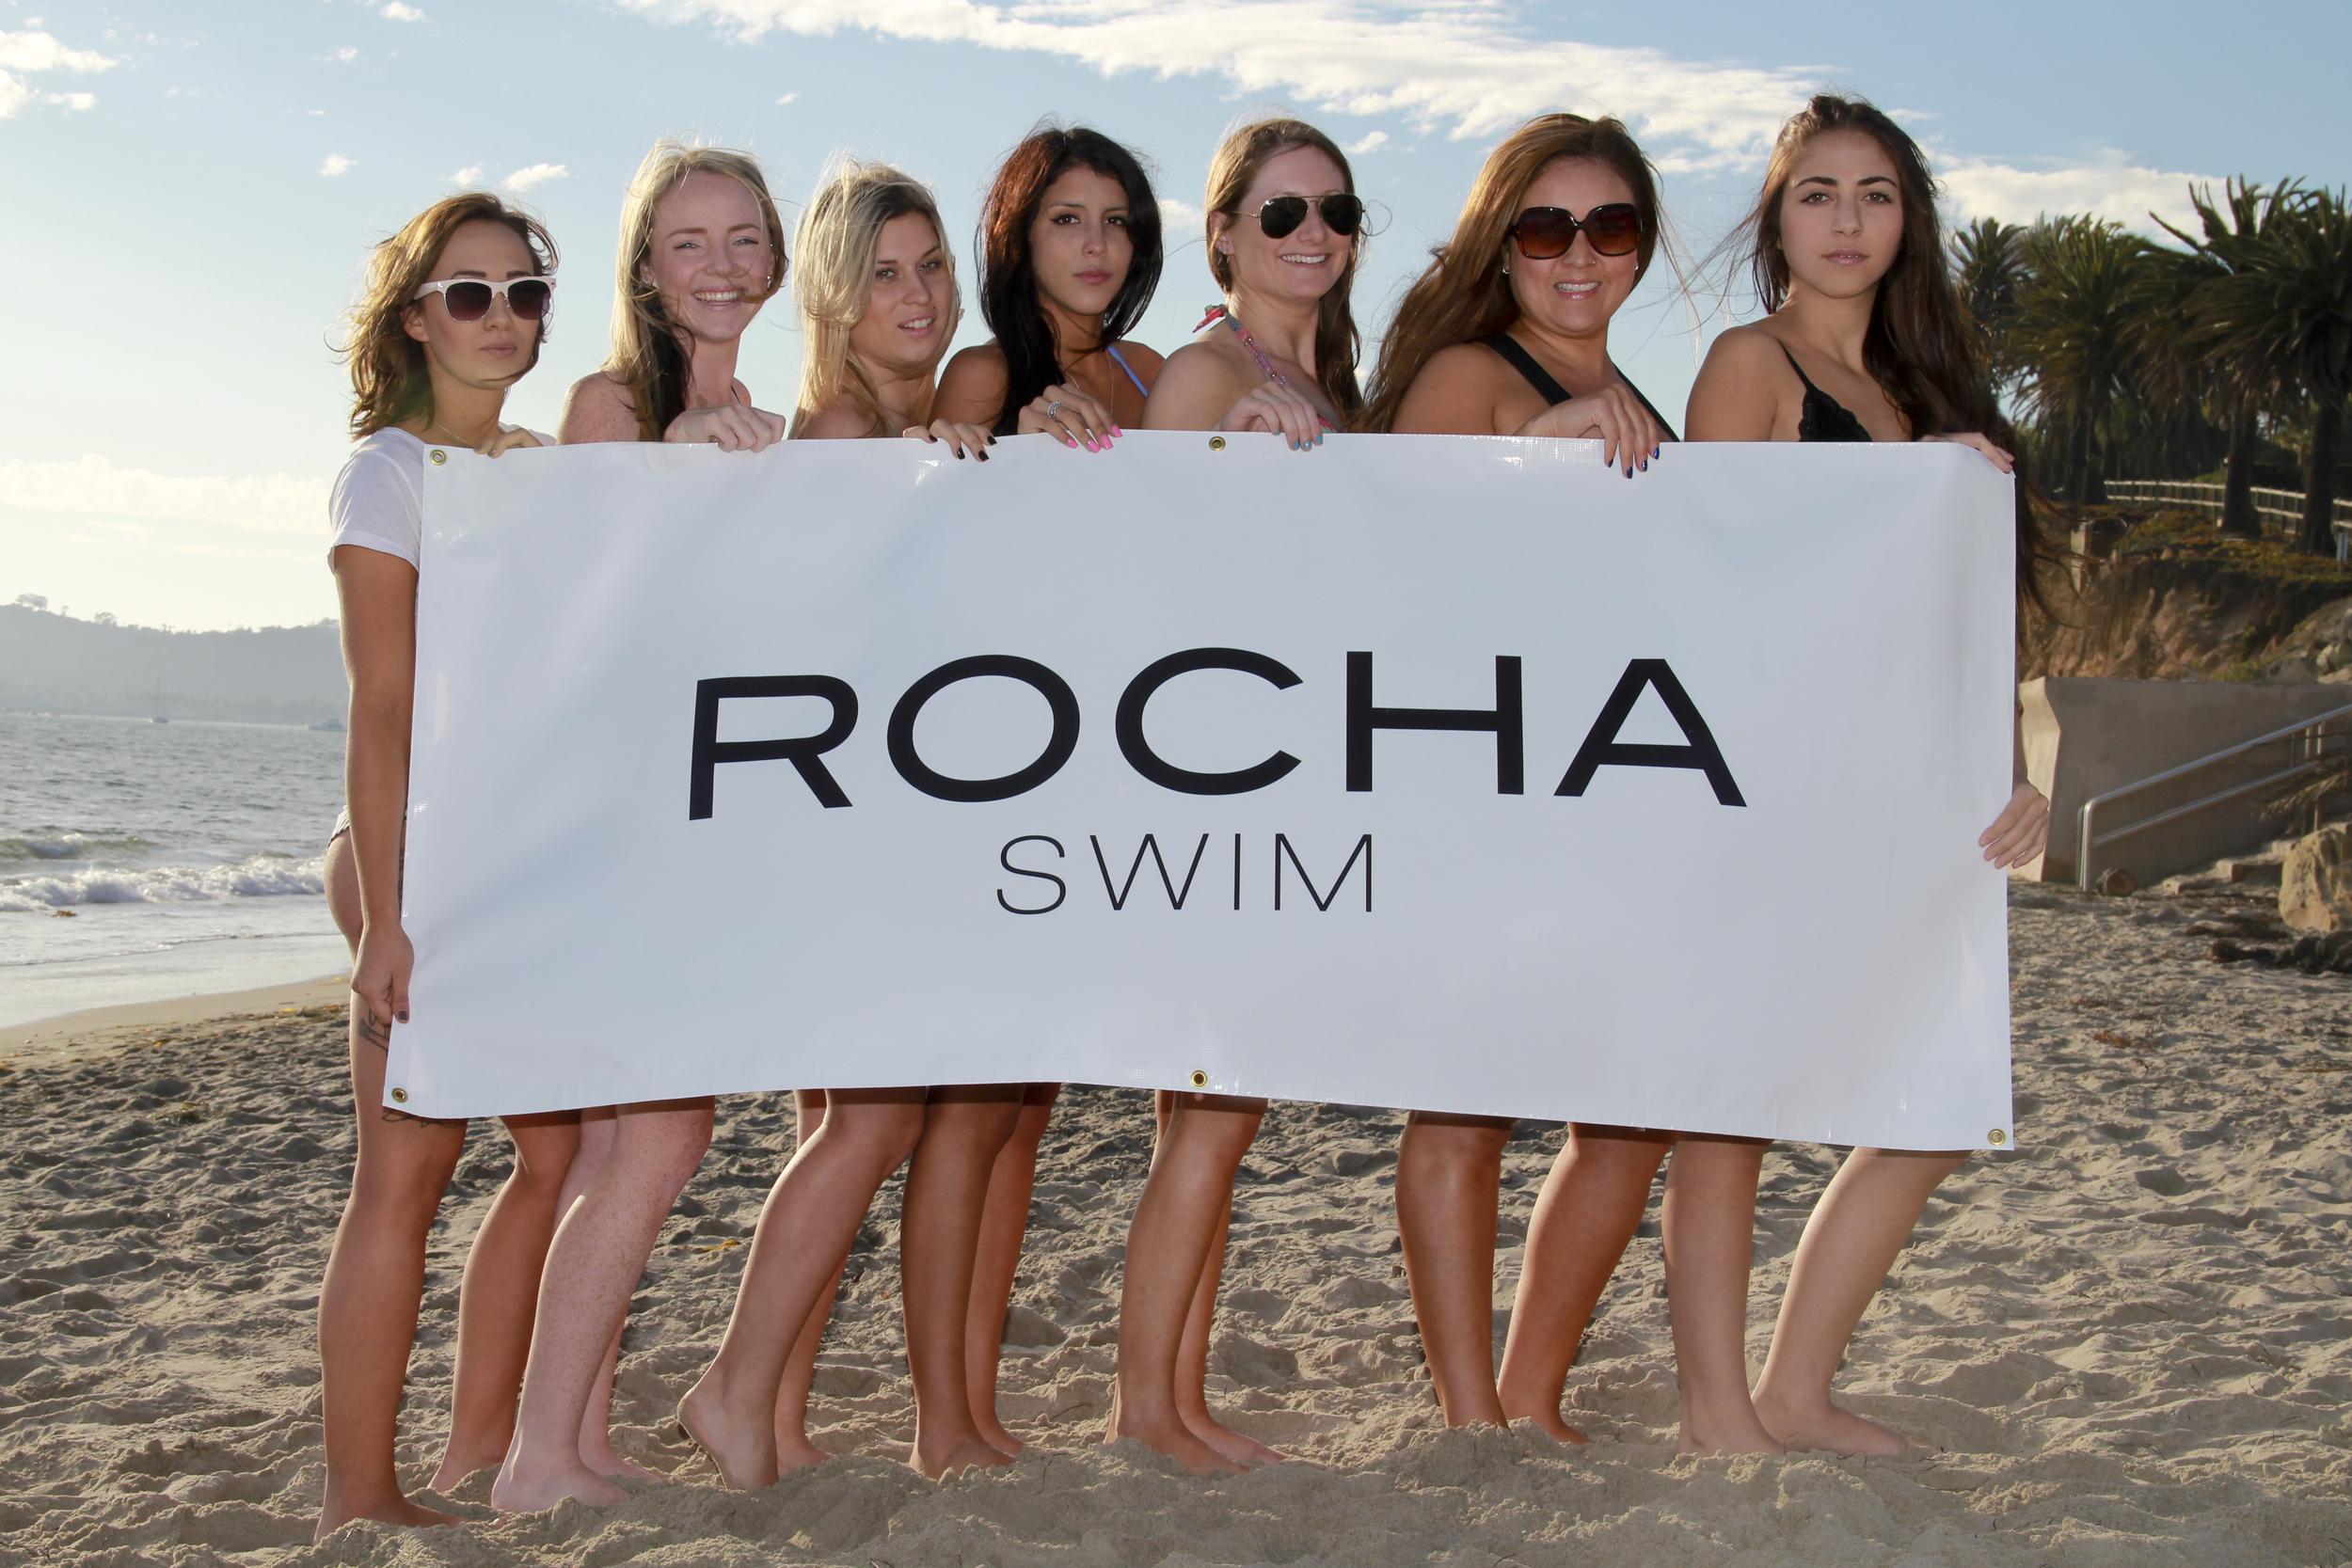 RochaSwimSign.jpg